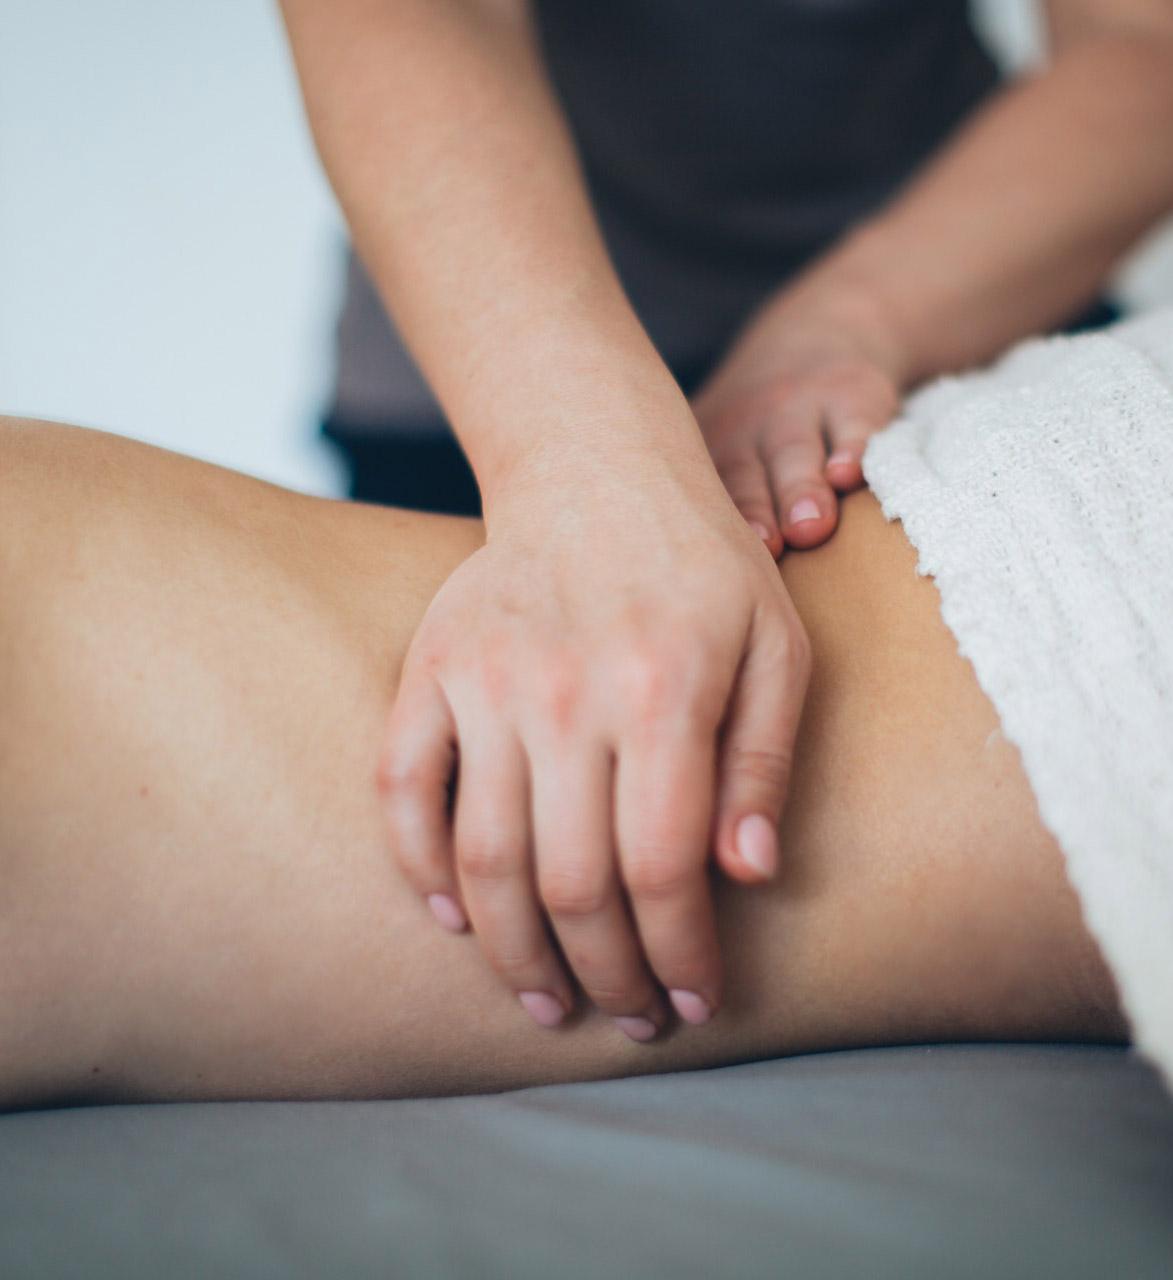 Über das Centrum für Physiotherapie